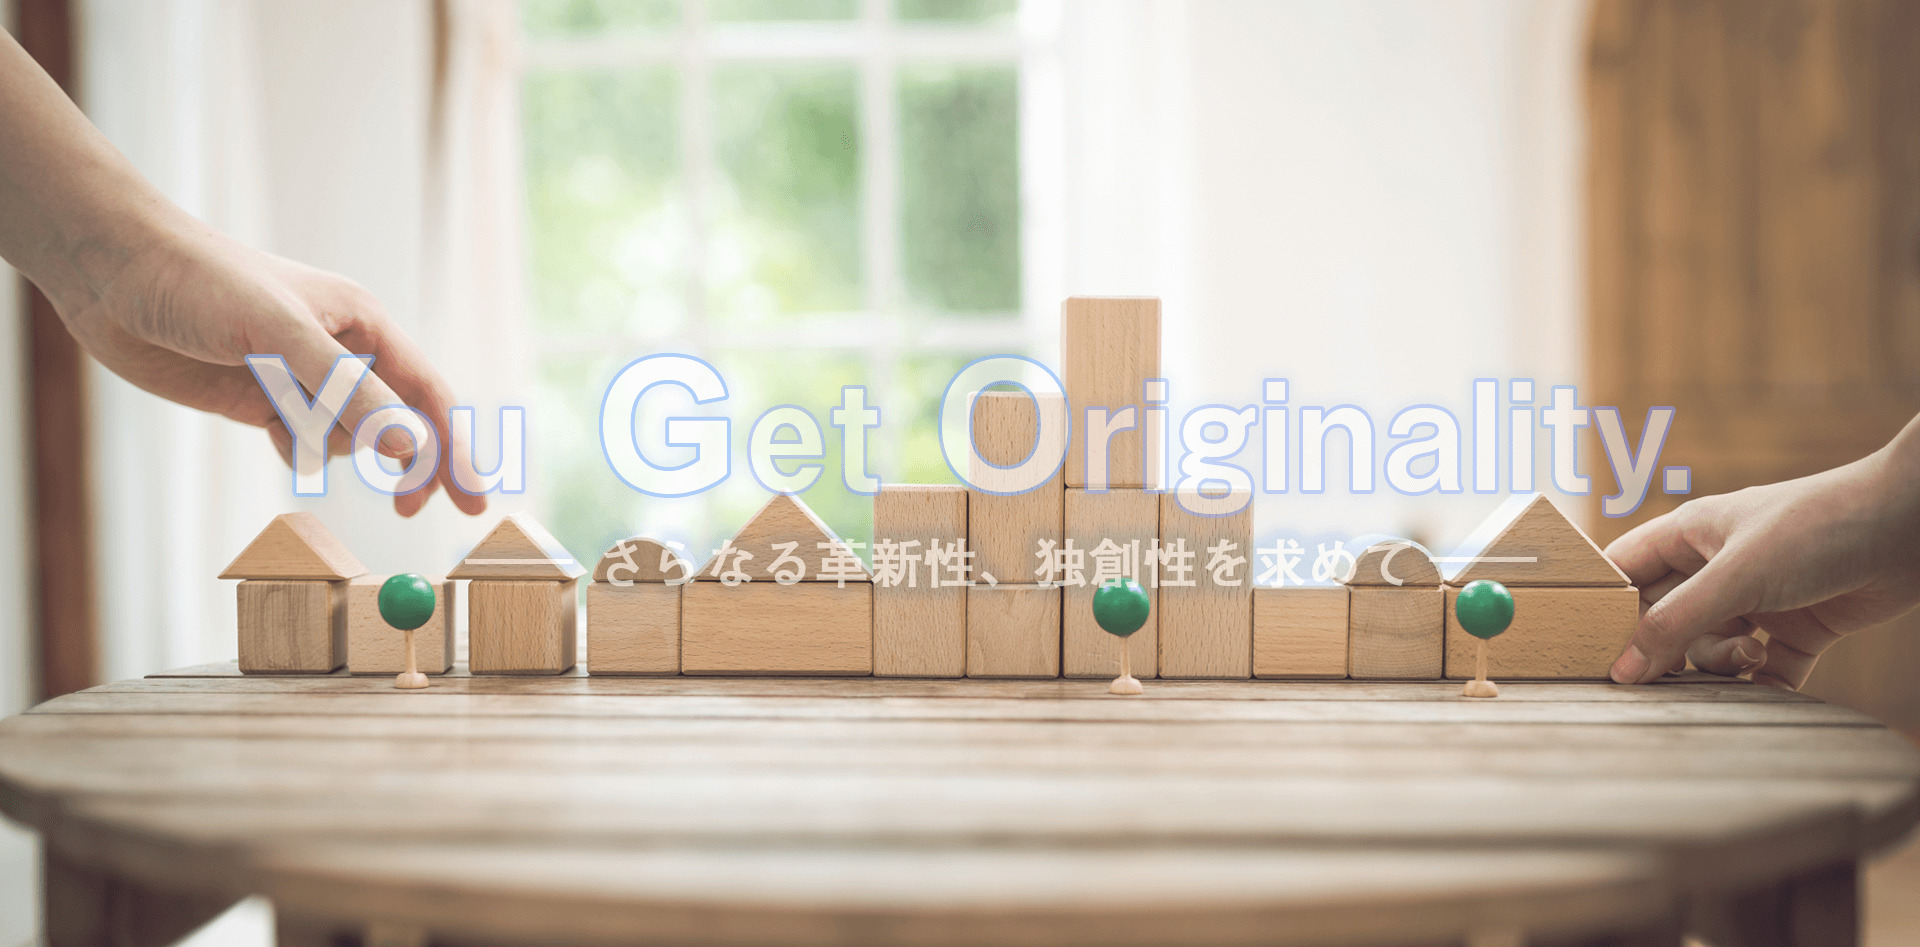 You Get Originality ―さらなる革新性、独創性を求めて―